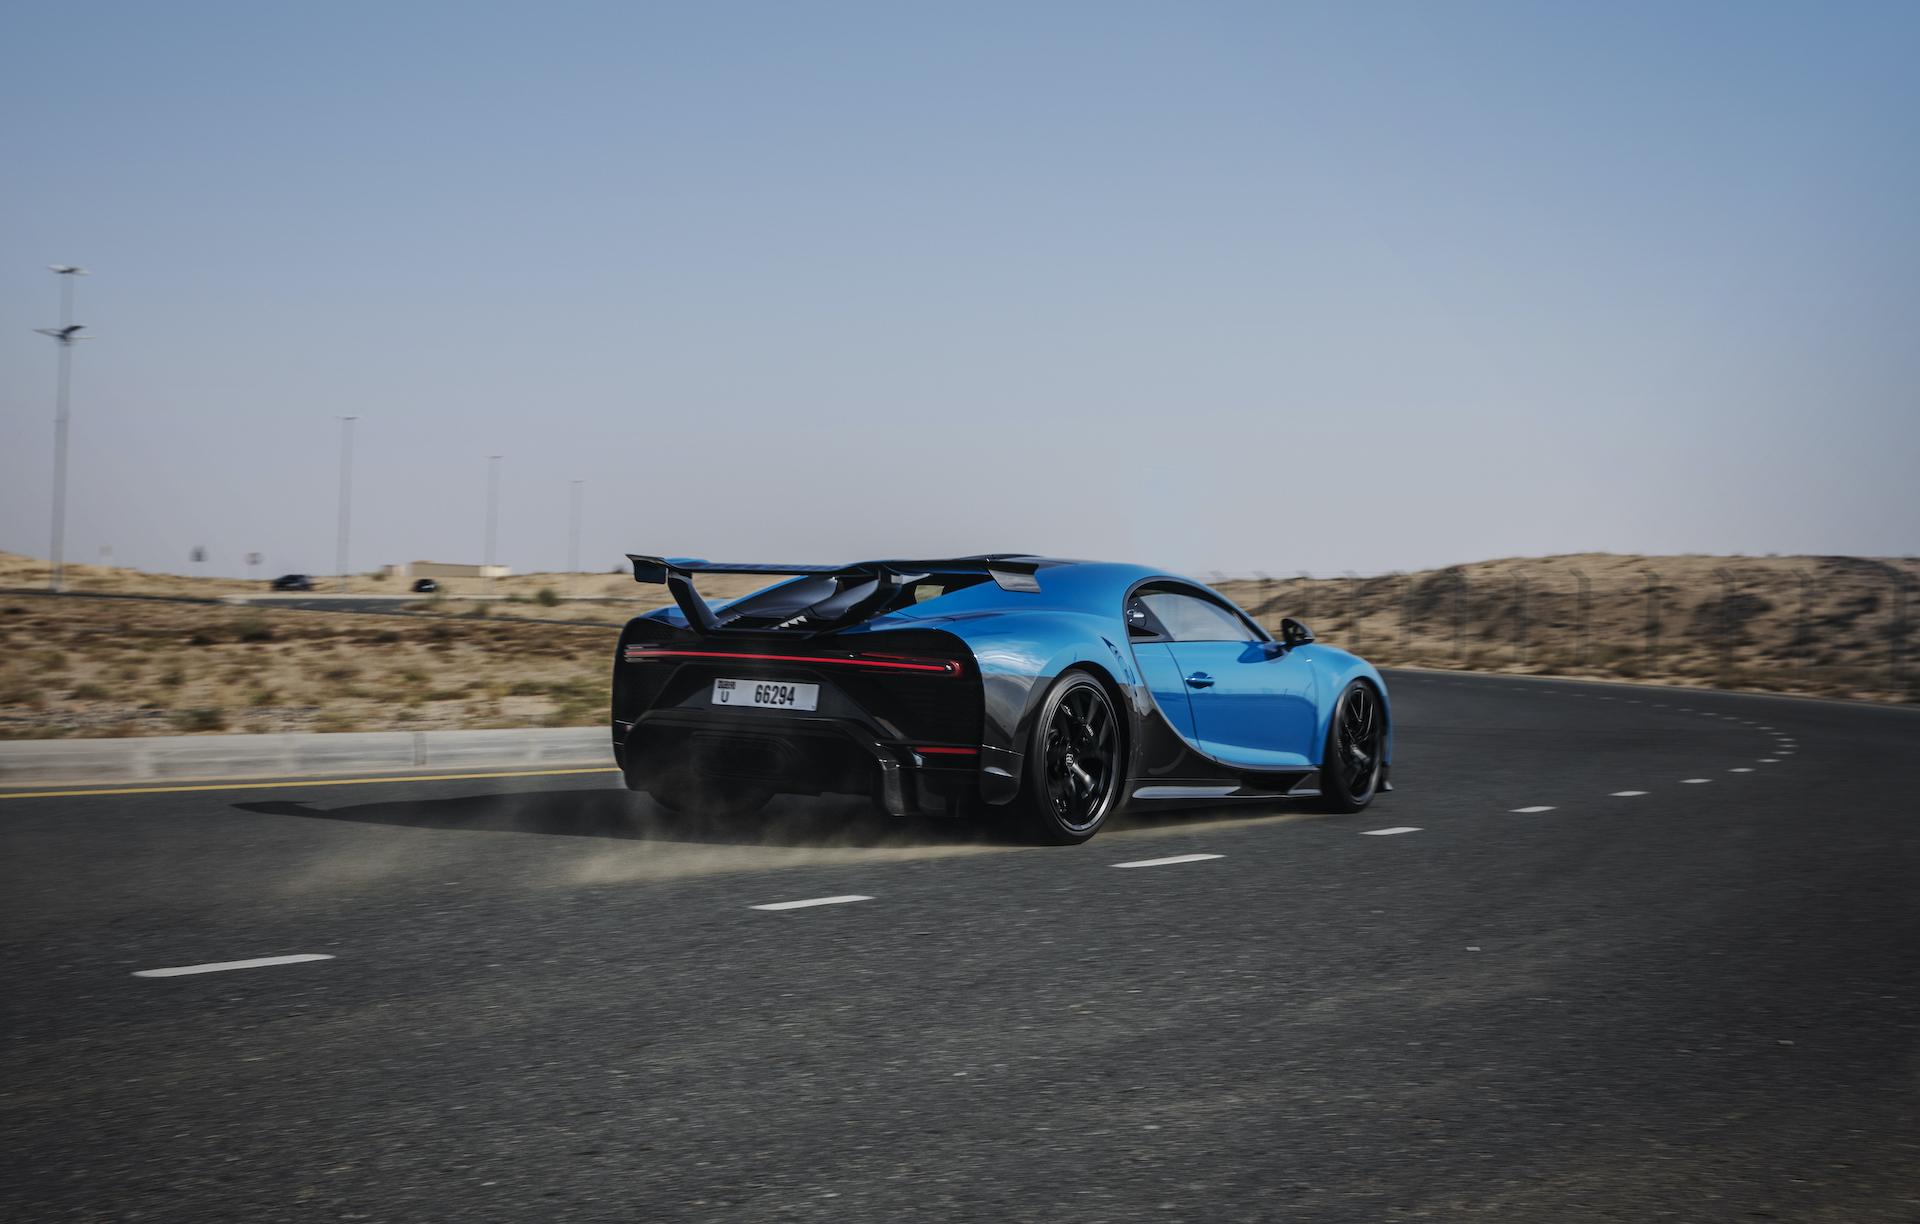 Der Bugatti Chiron Sport in Dubai: Extravaganz trifft Superlativ 2